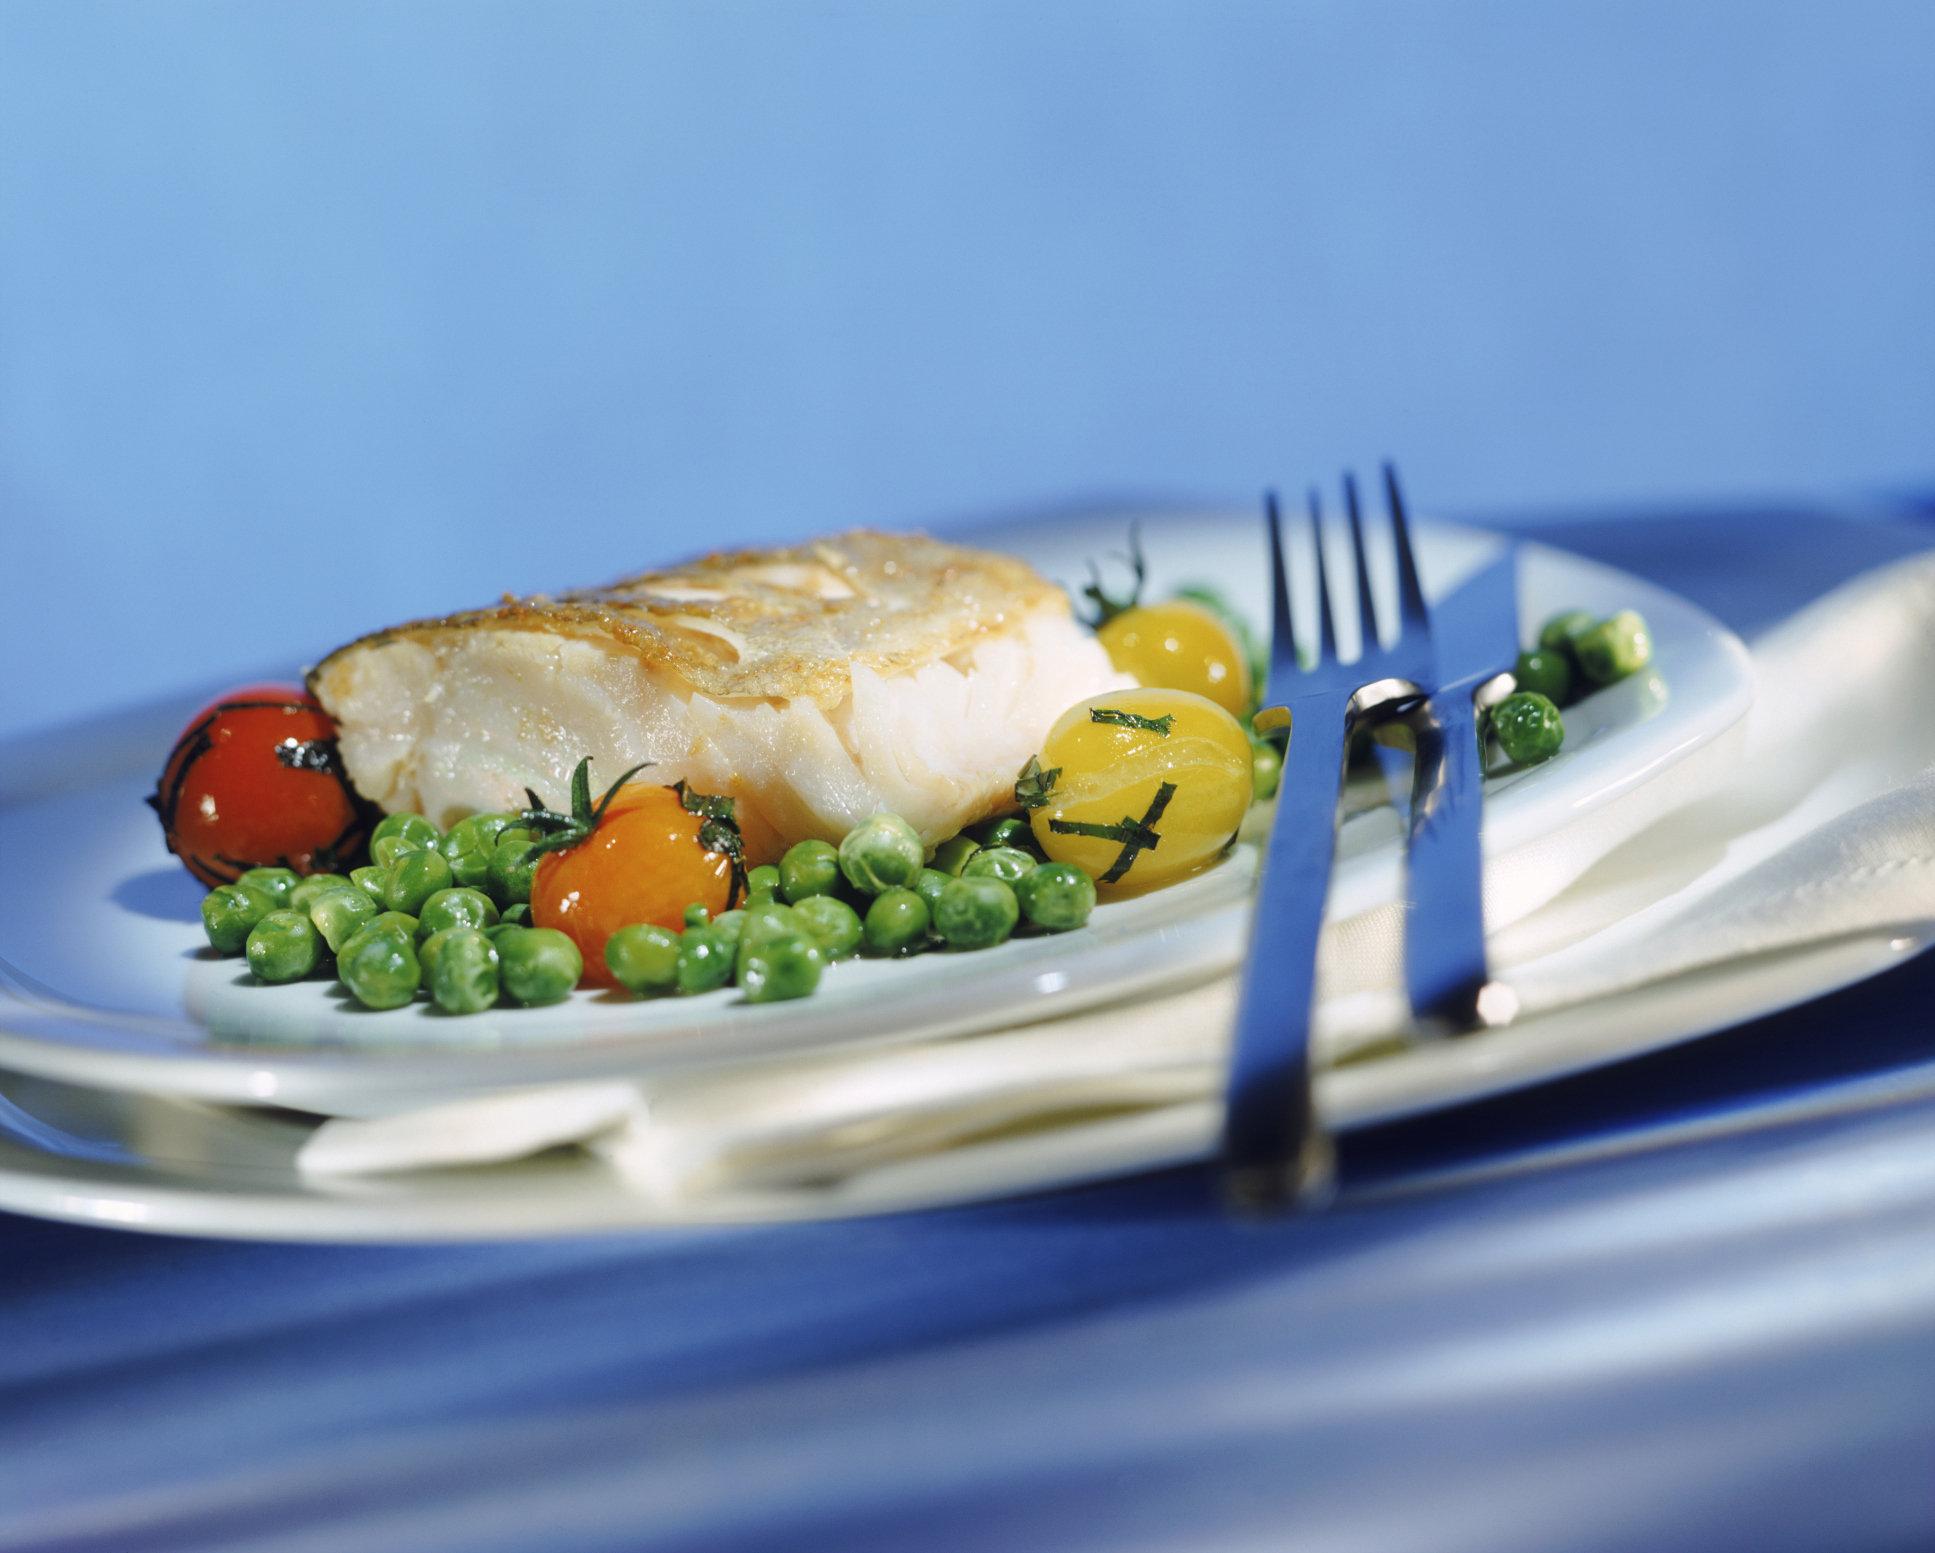 ¿Qué relación hay entre la alimentación y las enfermedades cardíacas?